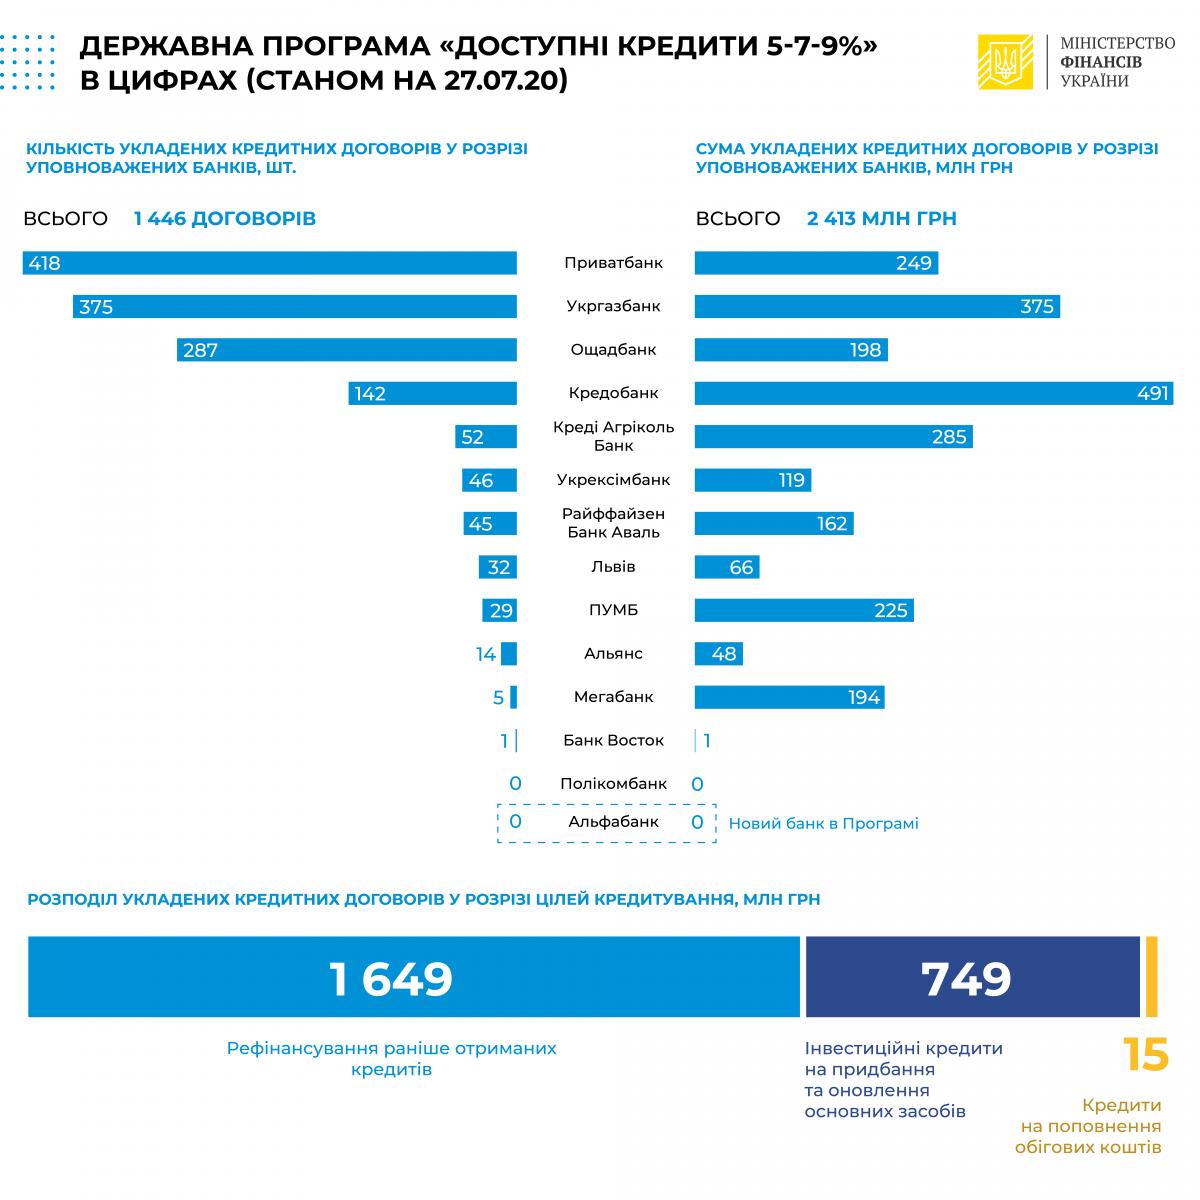 Украинцам уже выдали почти 2,5 млрд грн